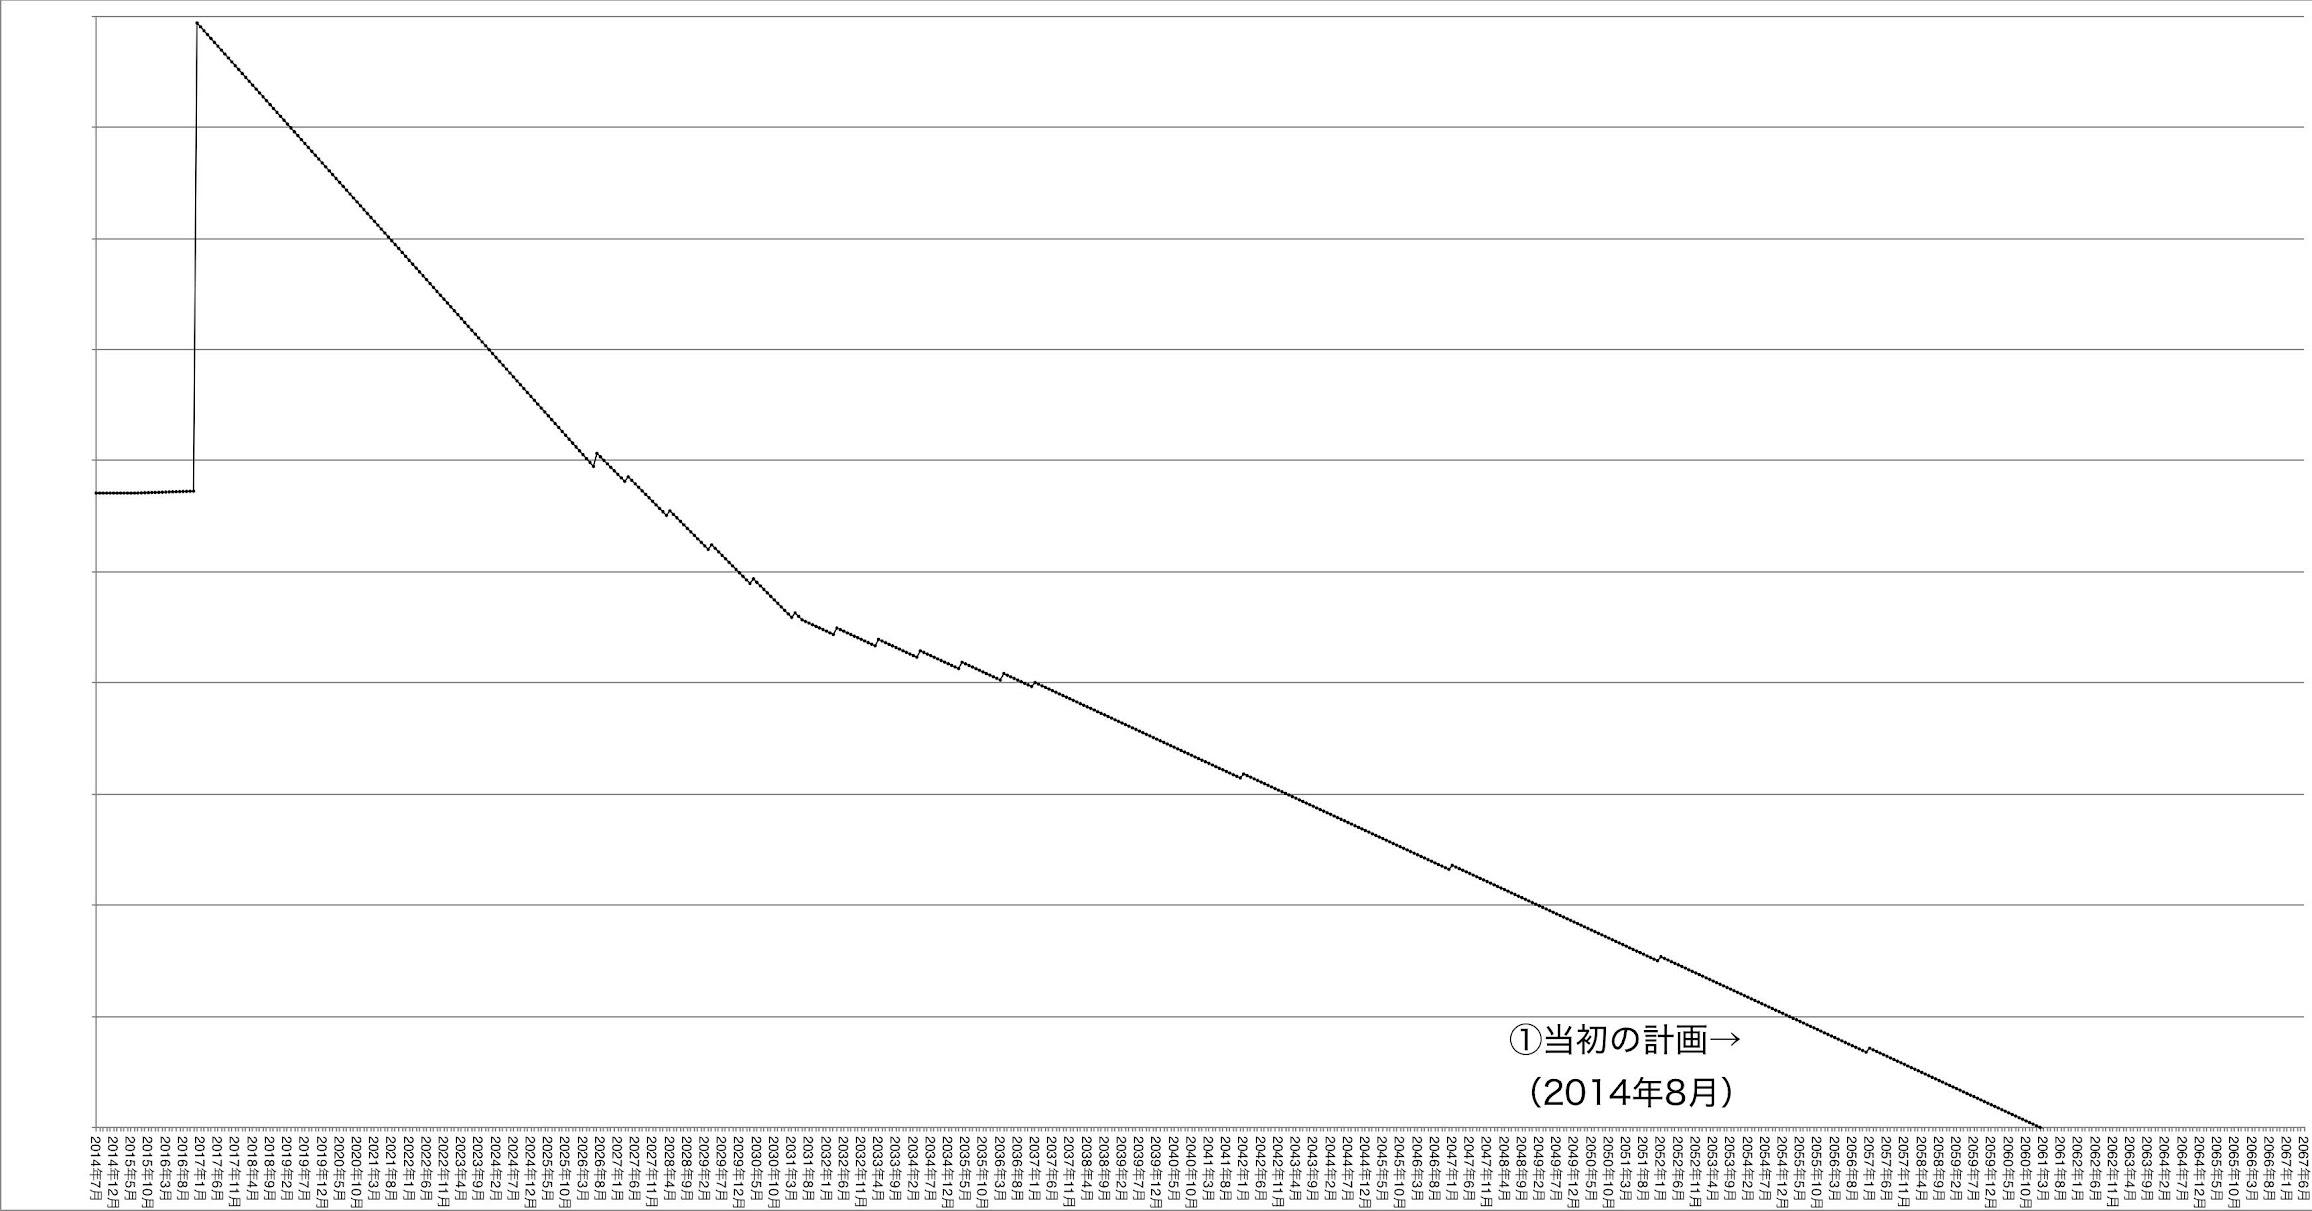 私の資産管理・運用遍歴〜その11:資産グラフの精緻化期